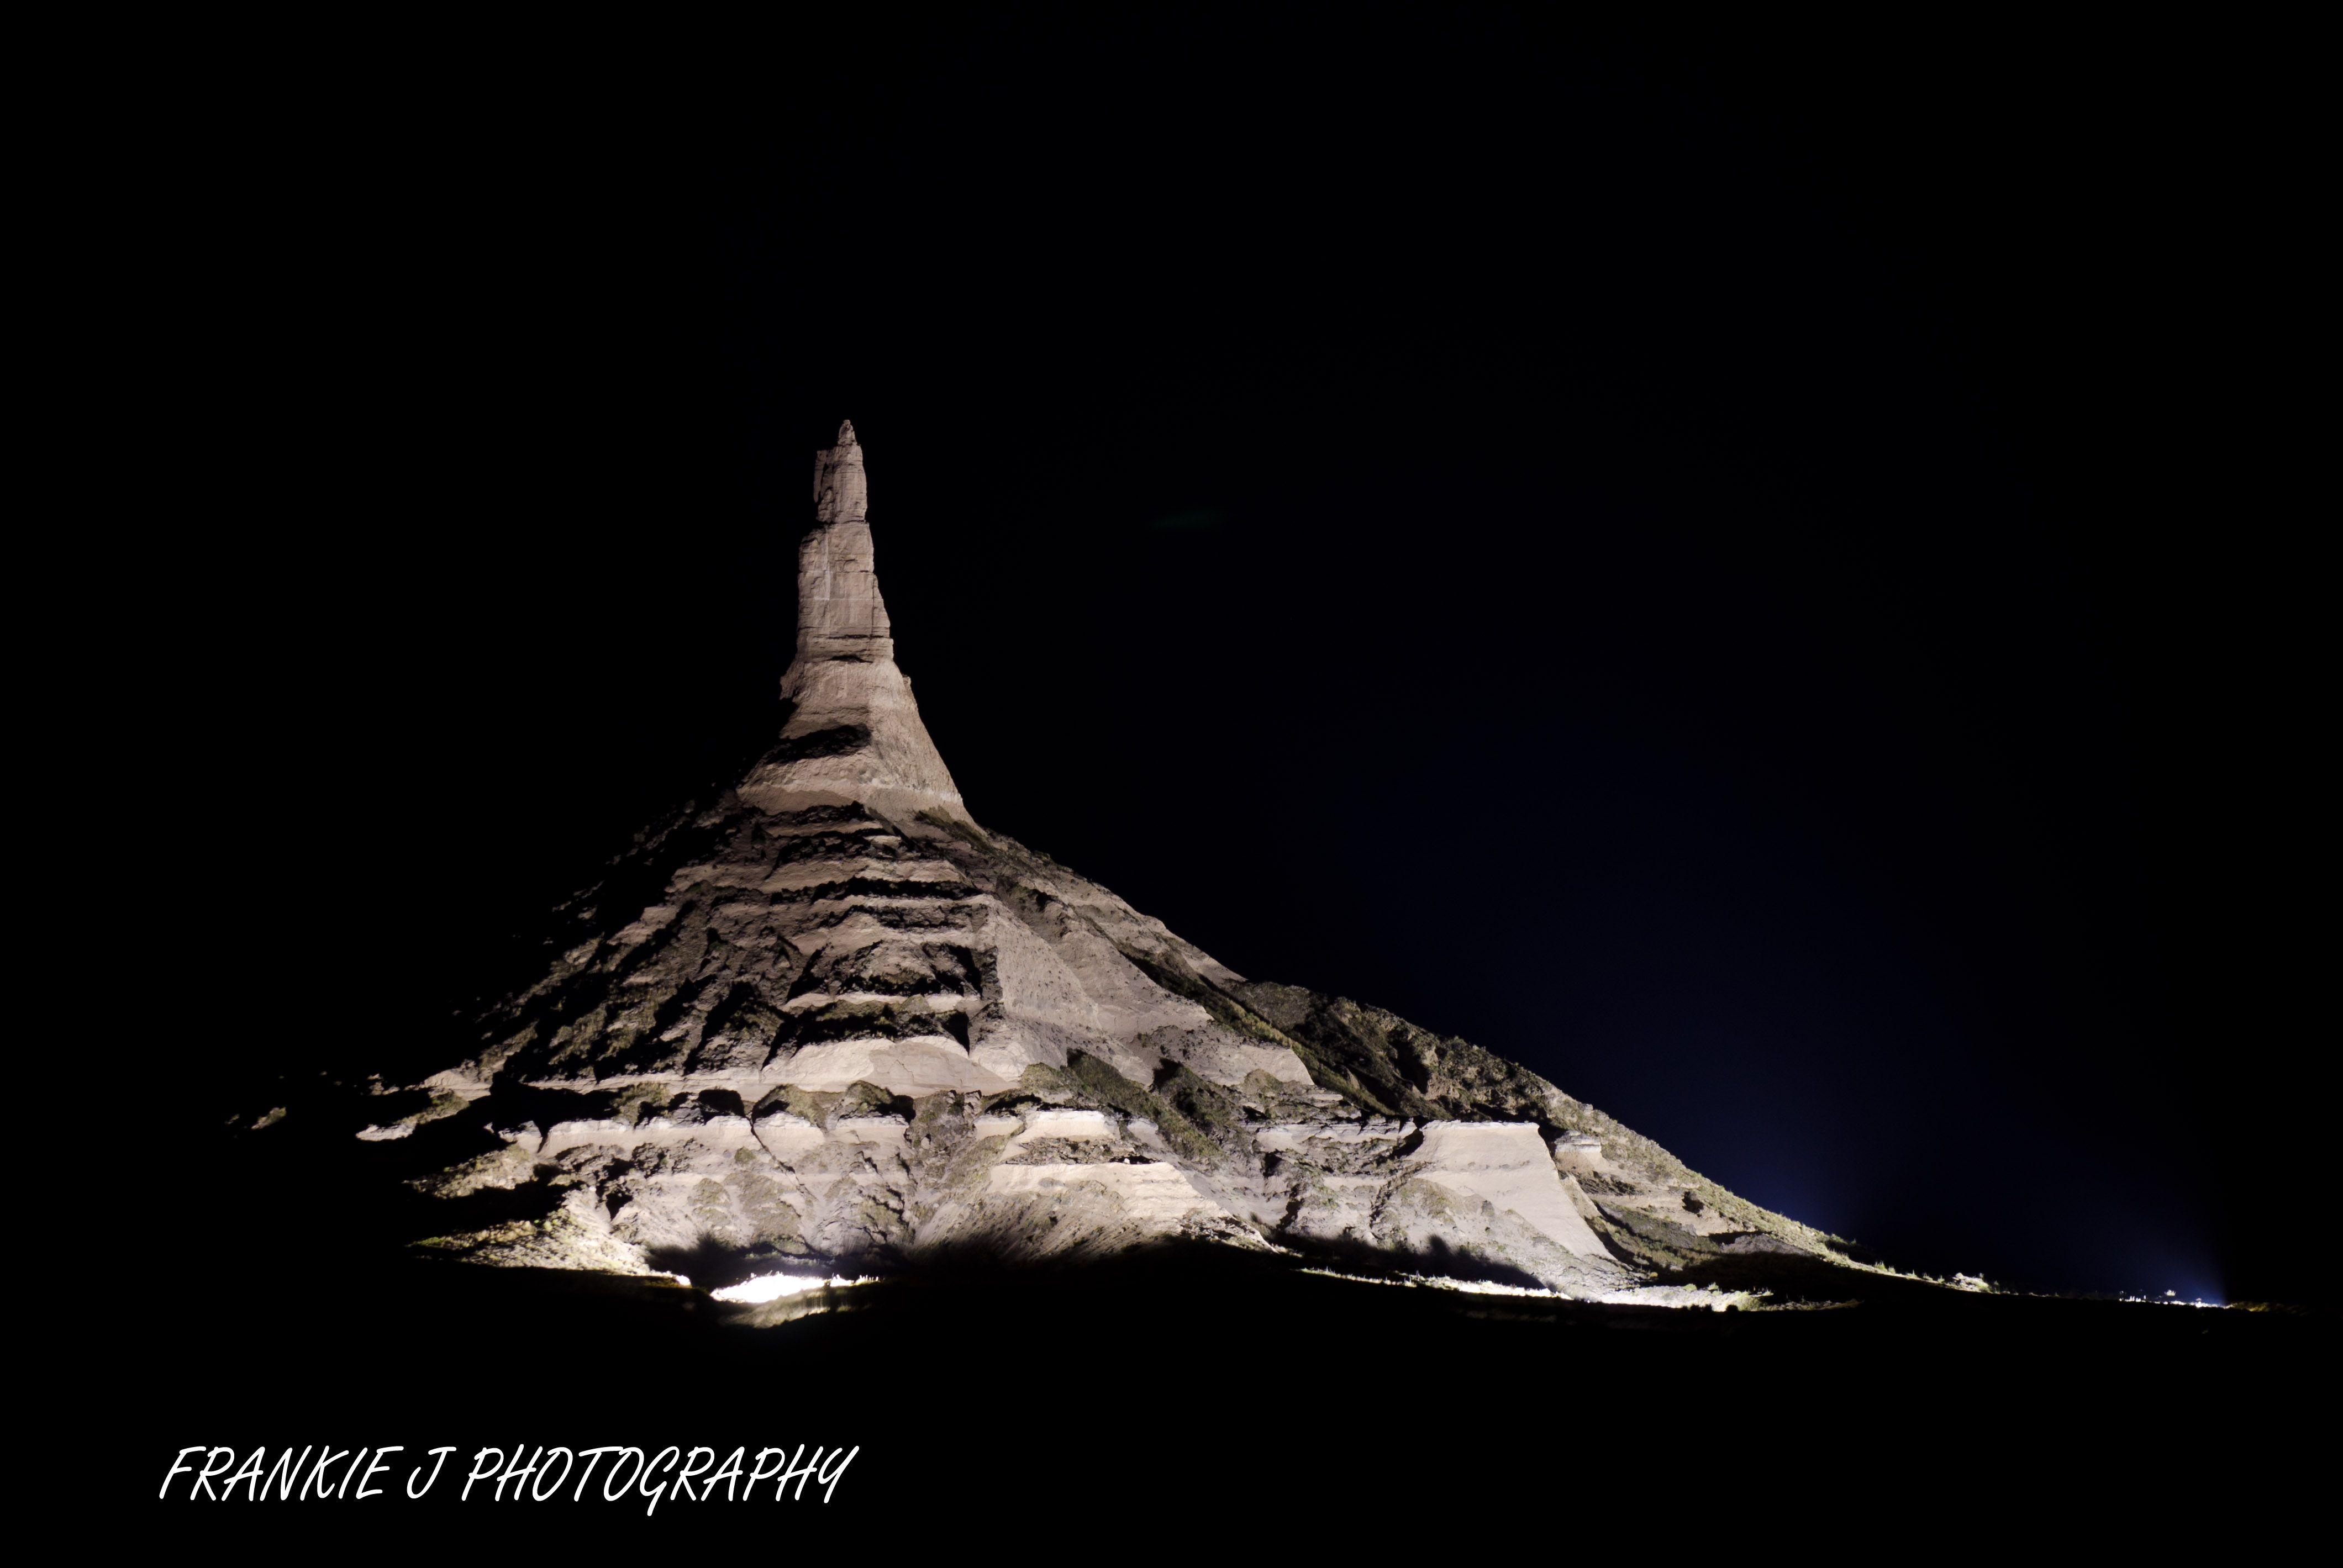 Chimney rock at night natural landmarks landscape